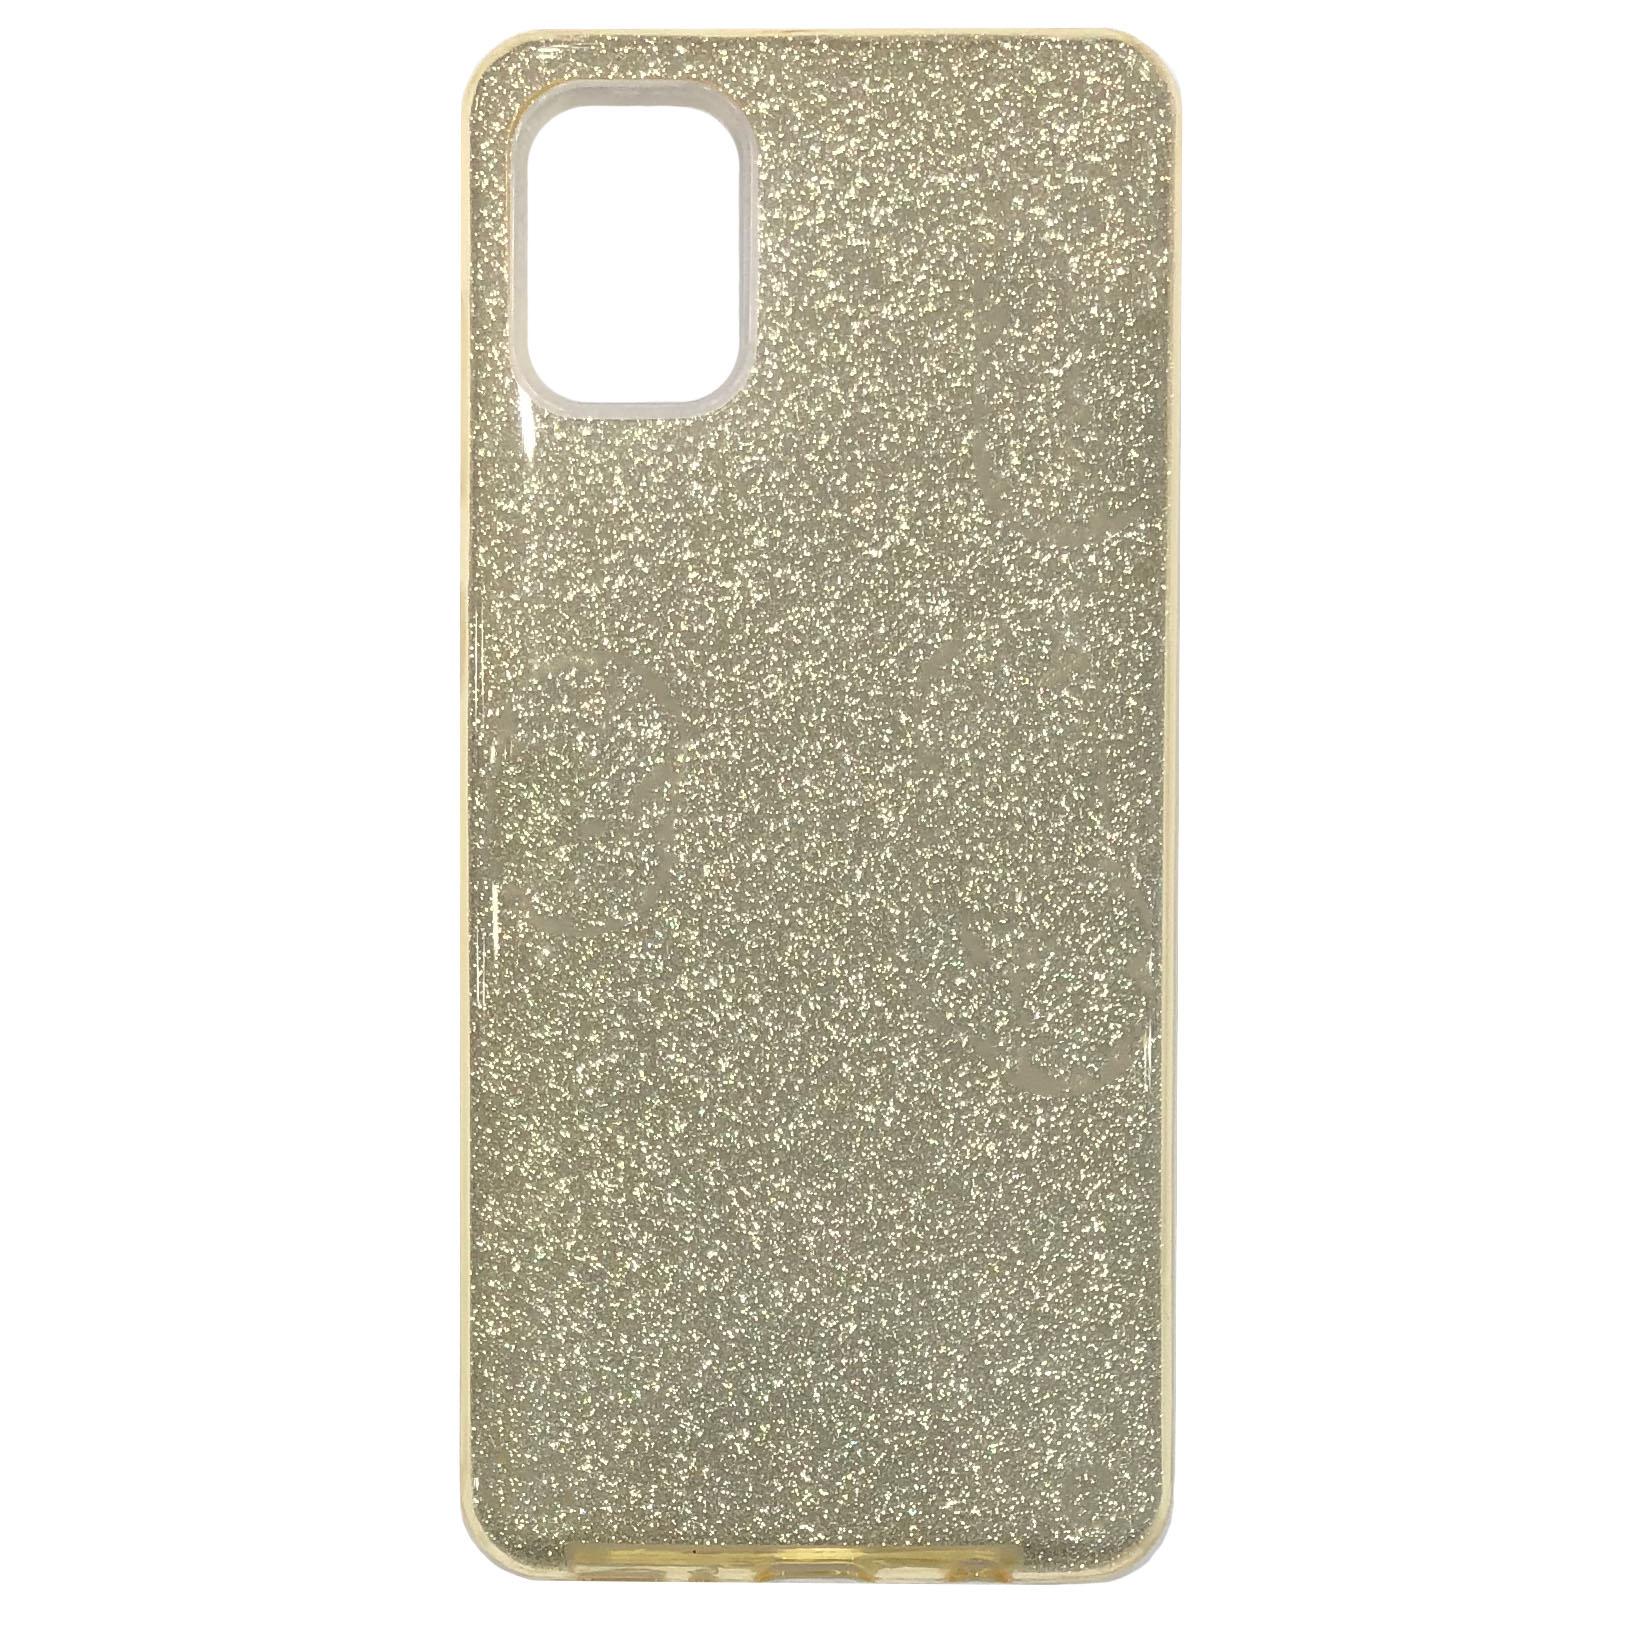 کاور مدل AK-001 مناسب برای گوشی موبایل سامسونگ Galaxy A31